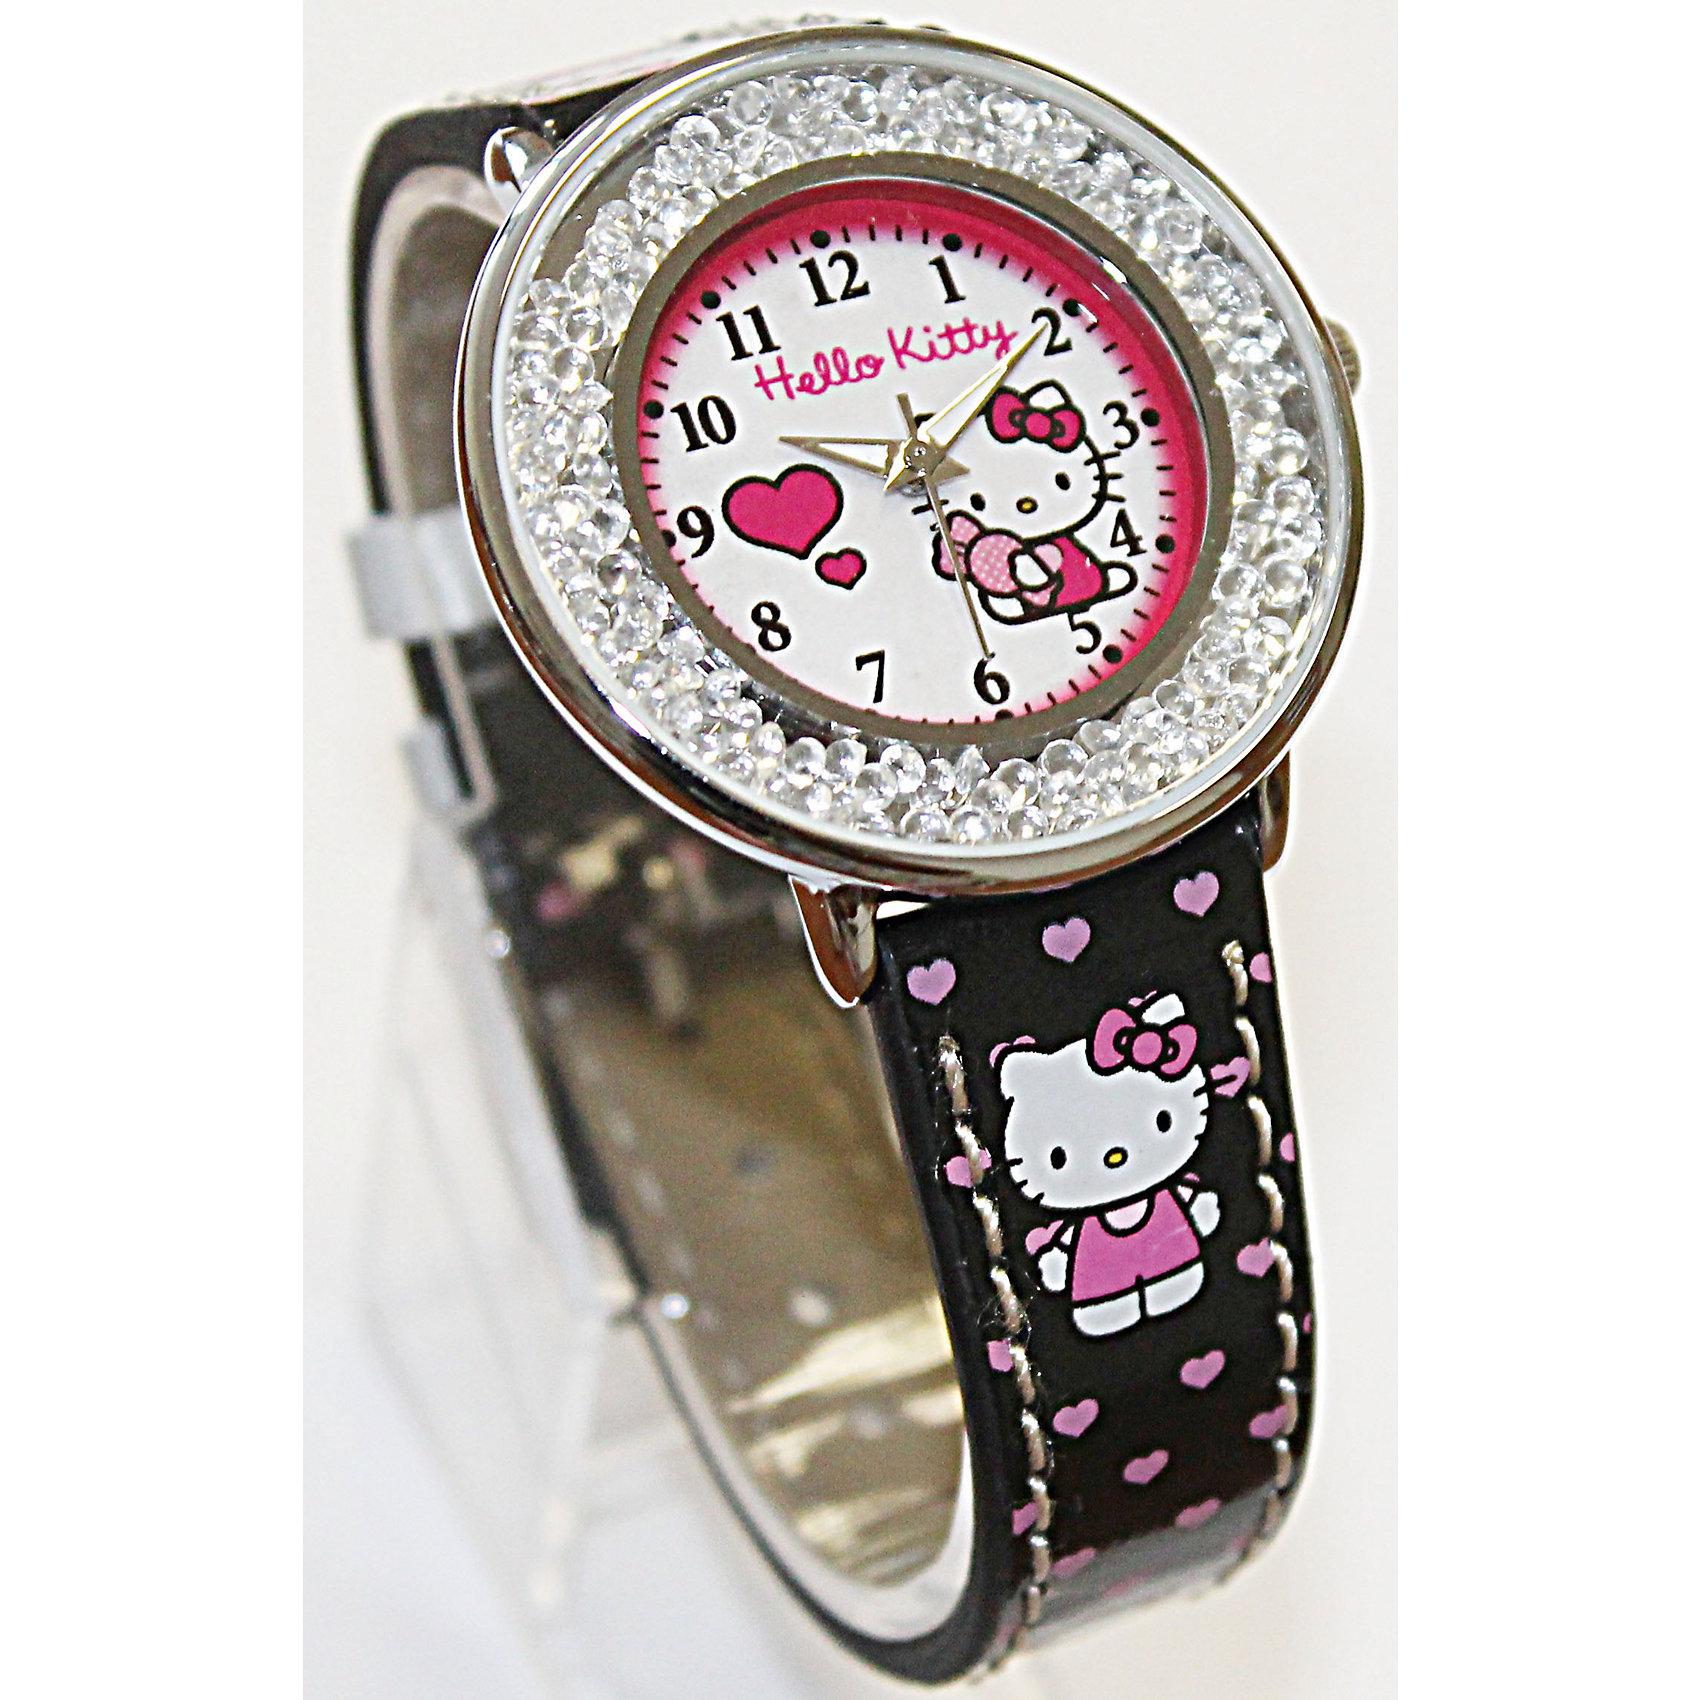 Часы наручные аналоговые, Hello KittyHello Kitty<br>Эксклюзивные наручные аналоговые часы торговой марки Hello Kitty выполнены по индивидуальному дизайну ООО «Детское Время» и лицензии компании Sanrio. Обилие деталей - декоративных элементов (страз, мерцающих ремешков), надписей,  уникальных изображений - делают изделие тщательно продуманным творением мастеров. Часы имеют высококачественный японский кварцевый механизм и отличаются надежностью и точностью хода. Часы водоустойчивы и обладают достаточной герметичностью, чтобы спокойно перенести случайный и незначительный контакт с жидкостями (дождь, брызги), но они не предназначены для плавания или погружения в воду. Циферблат защищен от повреждений прочным минеральным стеклом. Корпус часов выполнен из стали,  задняя крышка из нержавеющей стали. Материал браслета: искусственная кожа. Единица товара упаковывается в стильную подарочную коробочку. Неповторимый стиль с изобилием насыщенных и в тоже время нежных гамм; надежность и прочность изделия позволяют говорить о нем только в превосходной степени!Размеры изделия: 1,5х0,1х21 (ДШВ), диаметр циф-та - 3,5 см.<br><br>Ширина мм: 55<br>Глубина мм: 10<br>Высота мм: 250<br>Вес г: 32<br>Возраст от месяцев: 36<br>Возраст до месяцев: 72<br>Пол: Женский<br>Возраст: Детский<br>SKU: 5529321